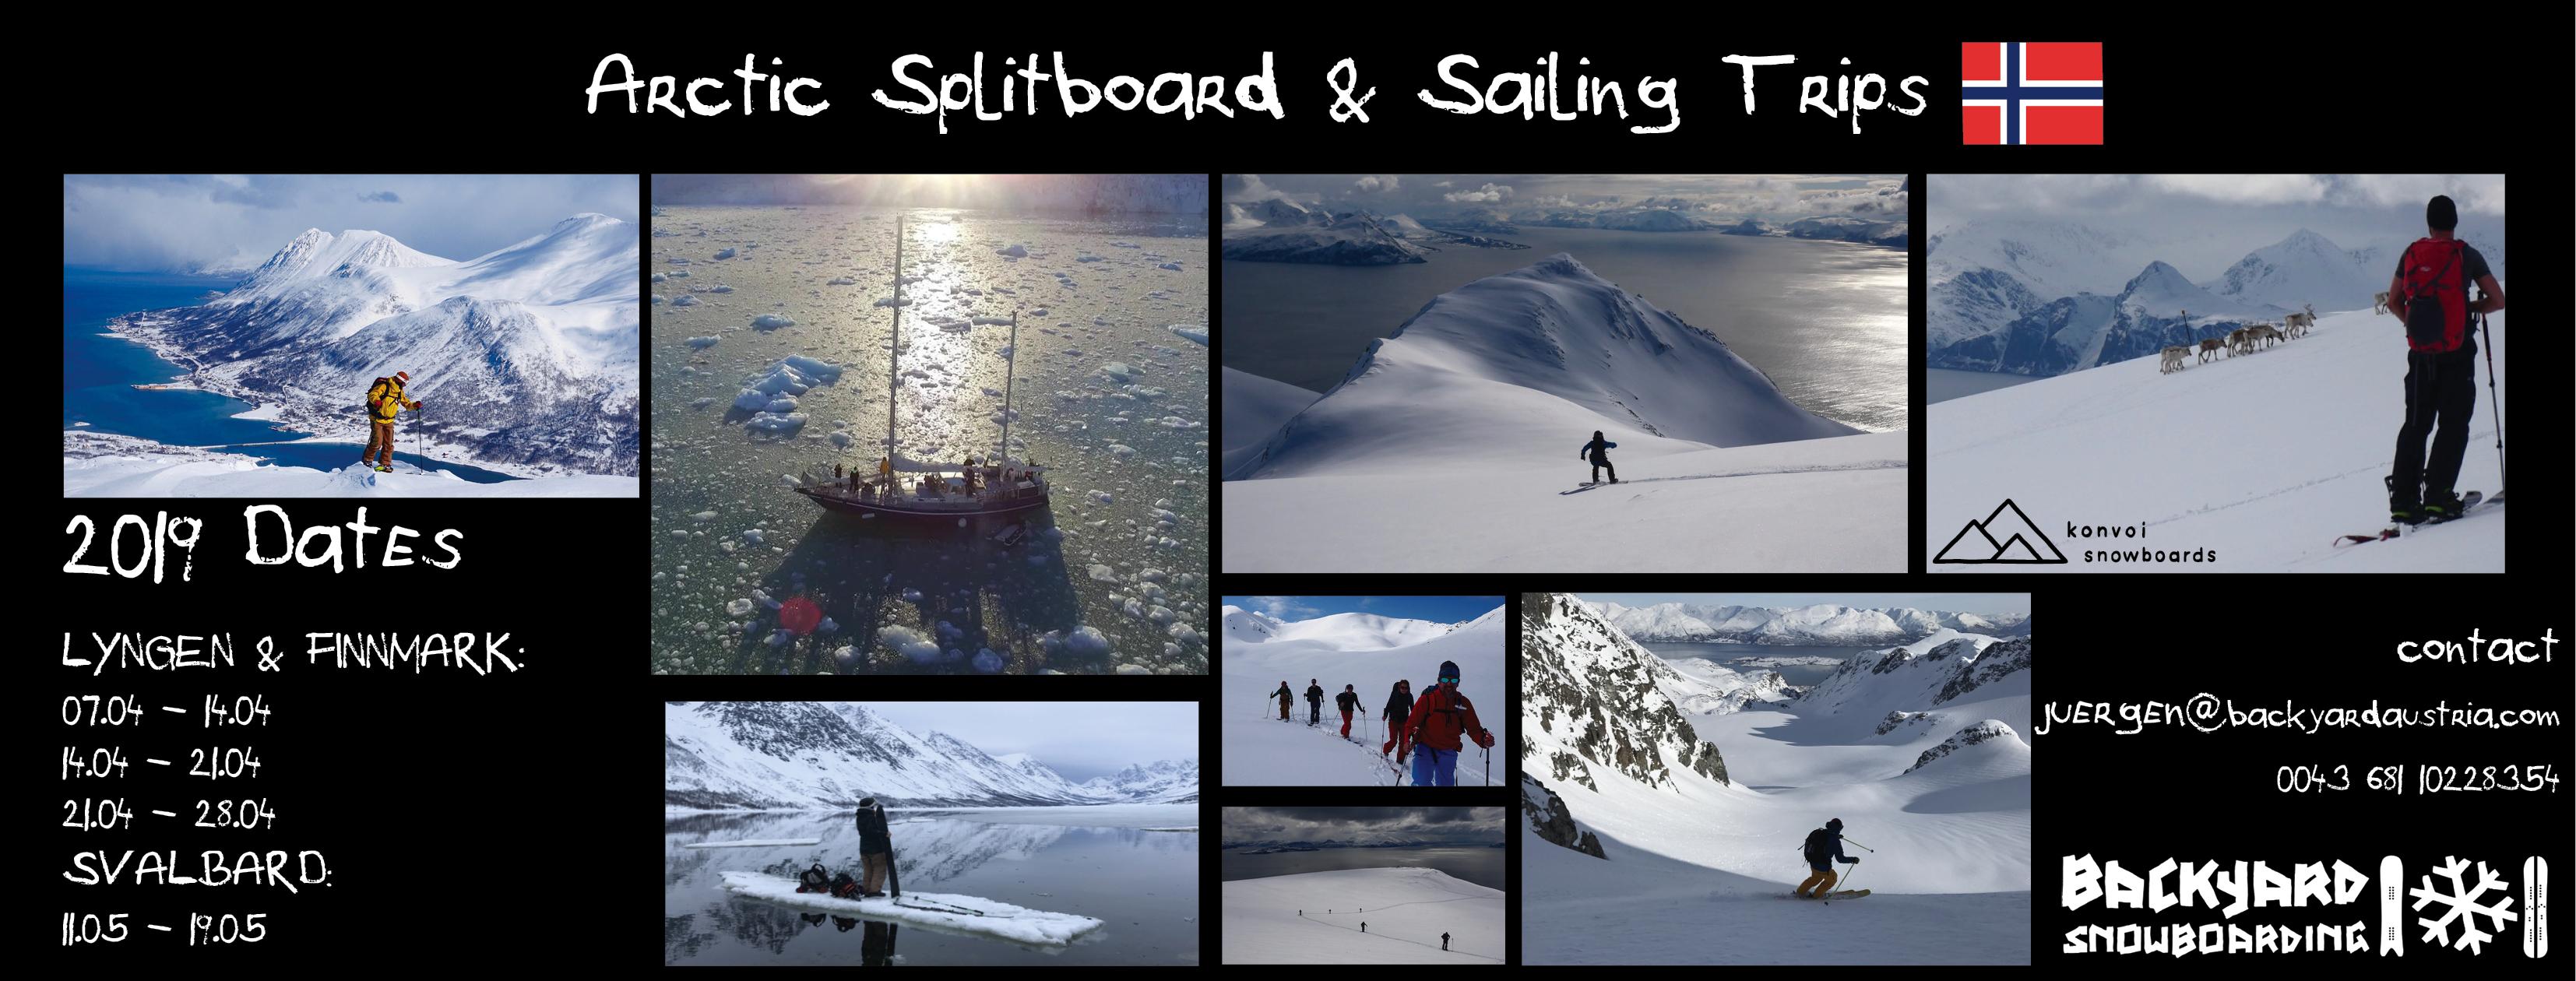 Lyngen Splitboard Splitboarding Sailing Trip